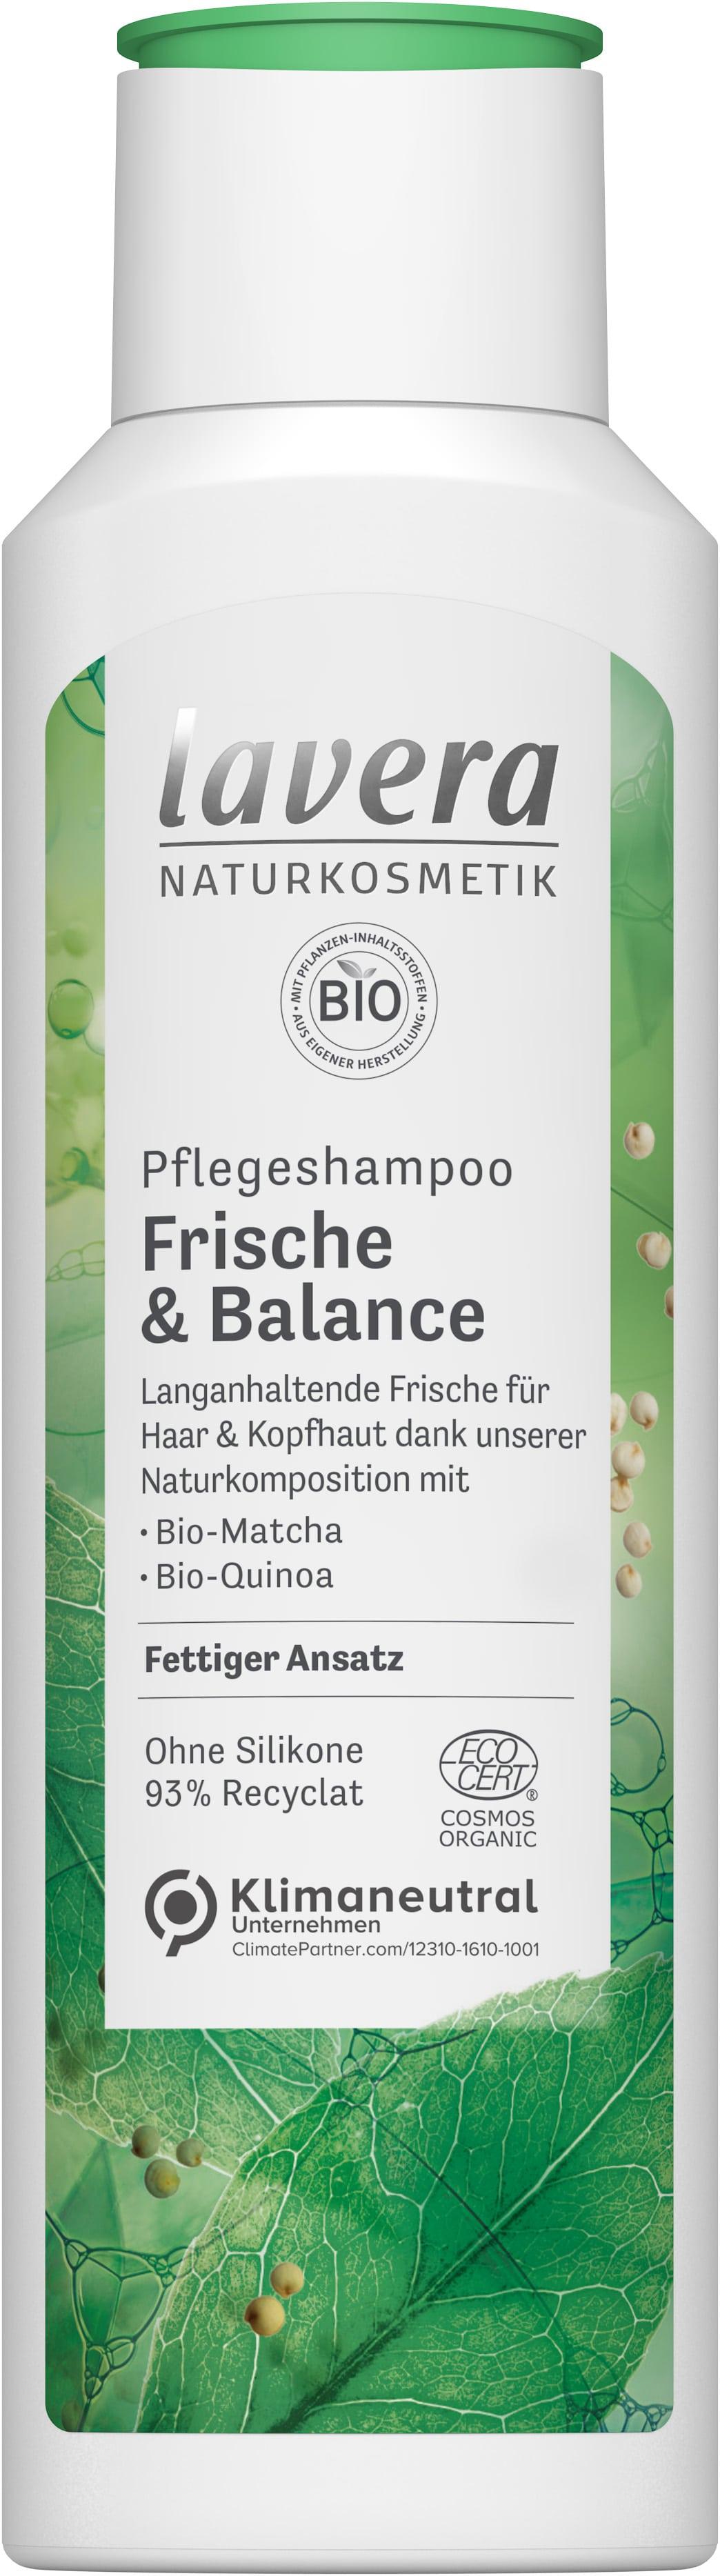 Pflegeshampoo Frische & Balance